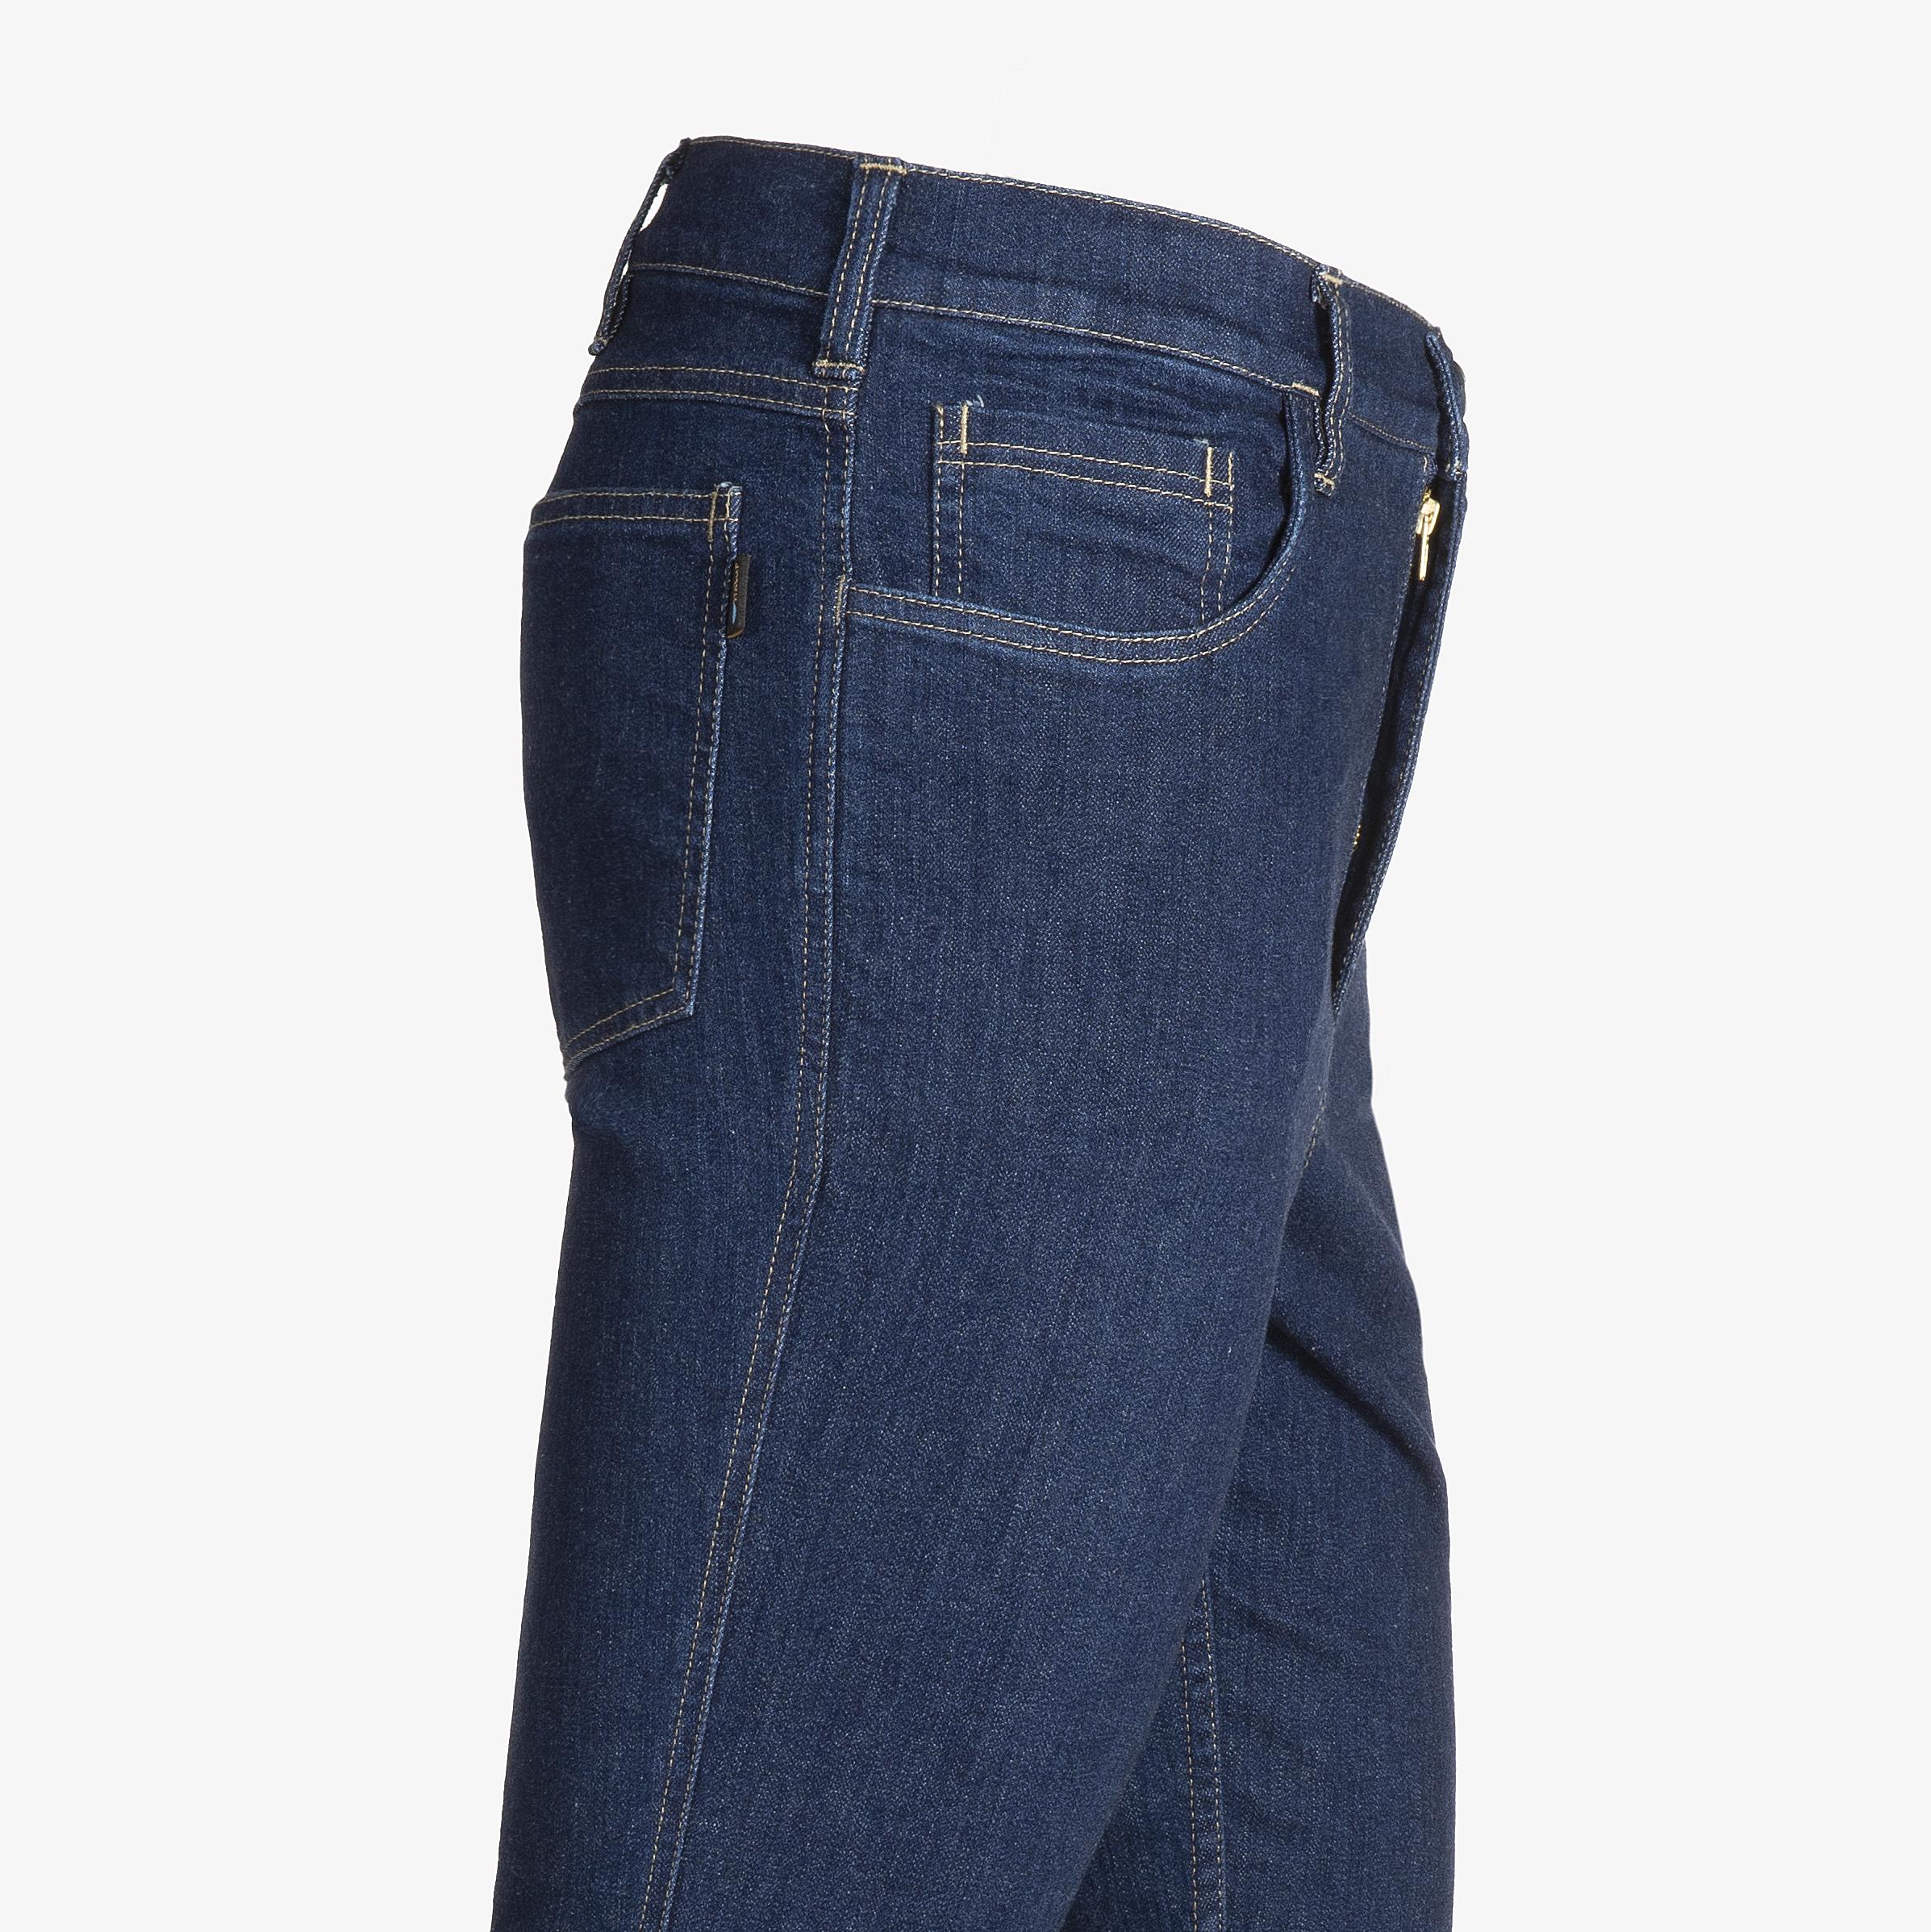 DEREK Jeans Bio-Denim Stretch